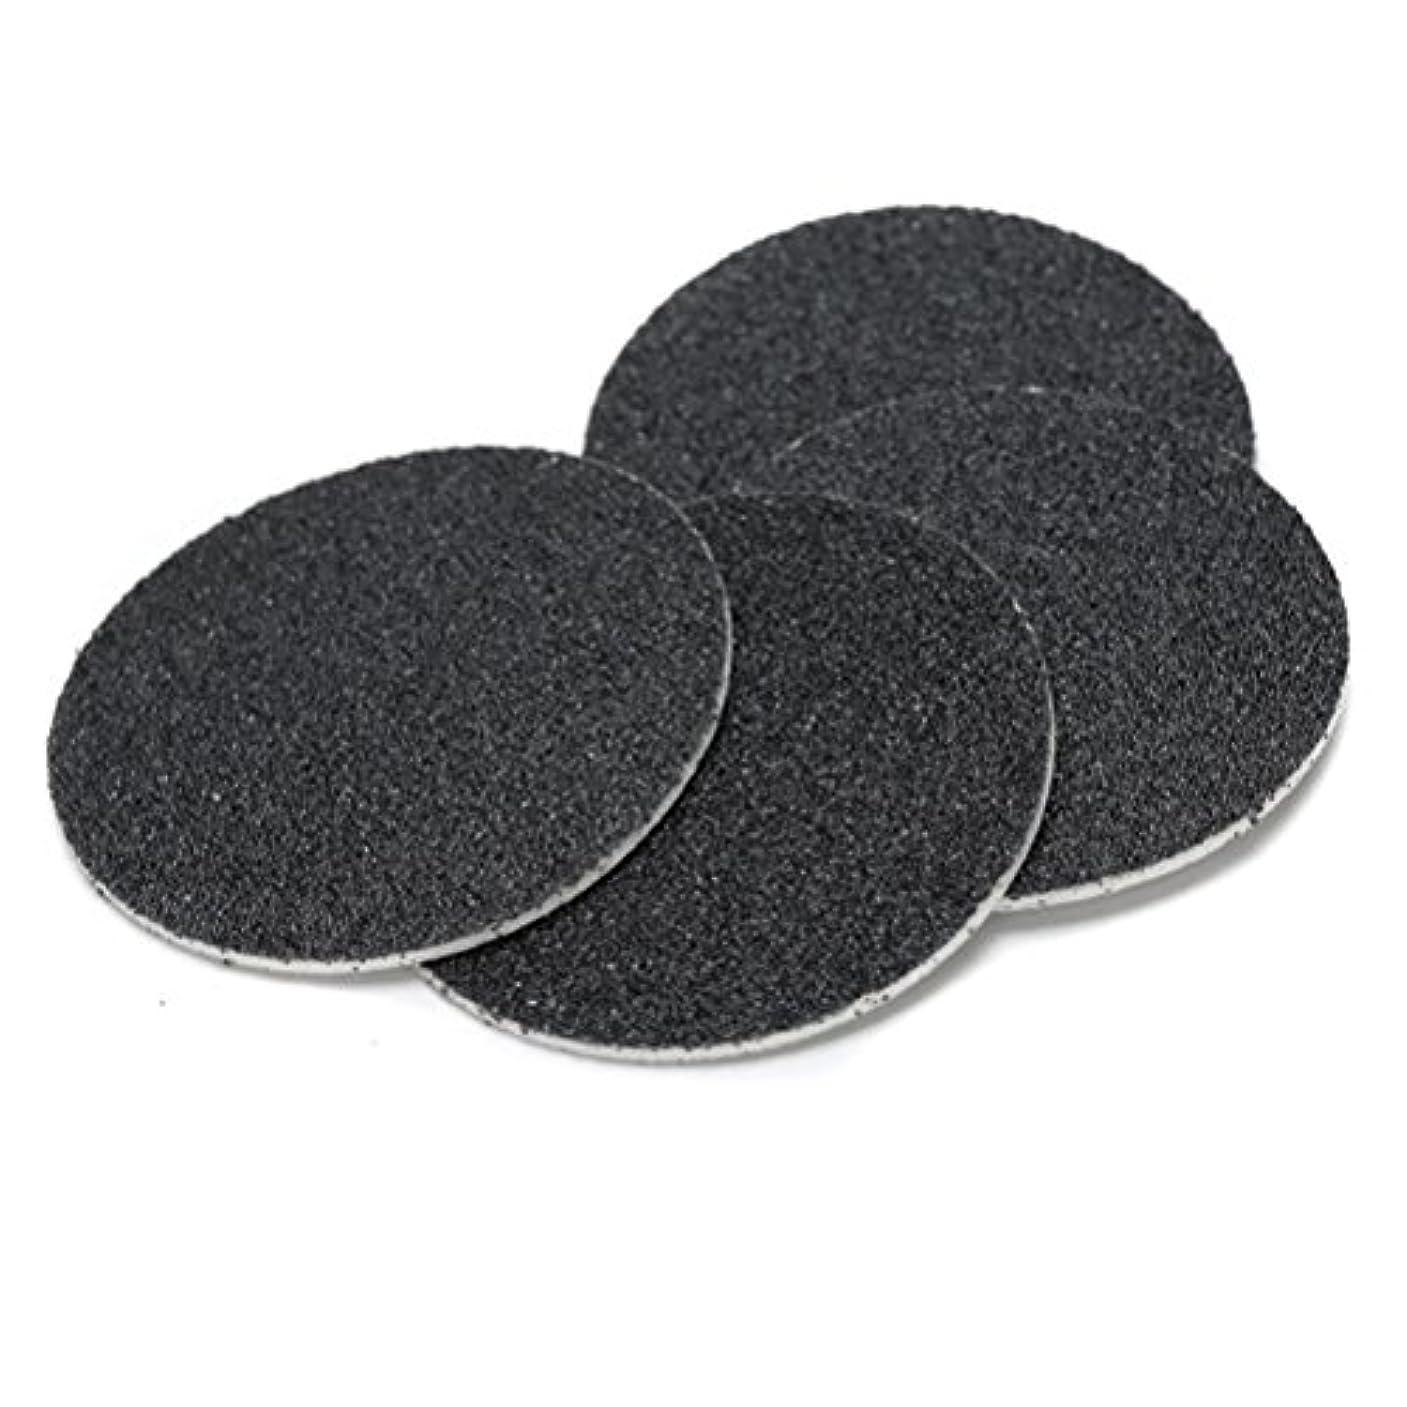 造船水族館ポテトJoint Victory Pedicure Tools 1 Box (60pcs) Replacement Sandpaper Discs Pad for Electric Foot File Callus Remover...